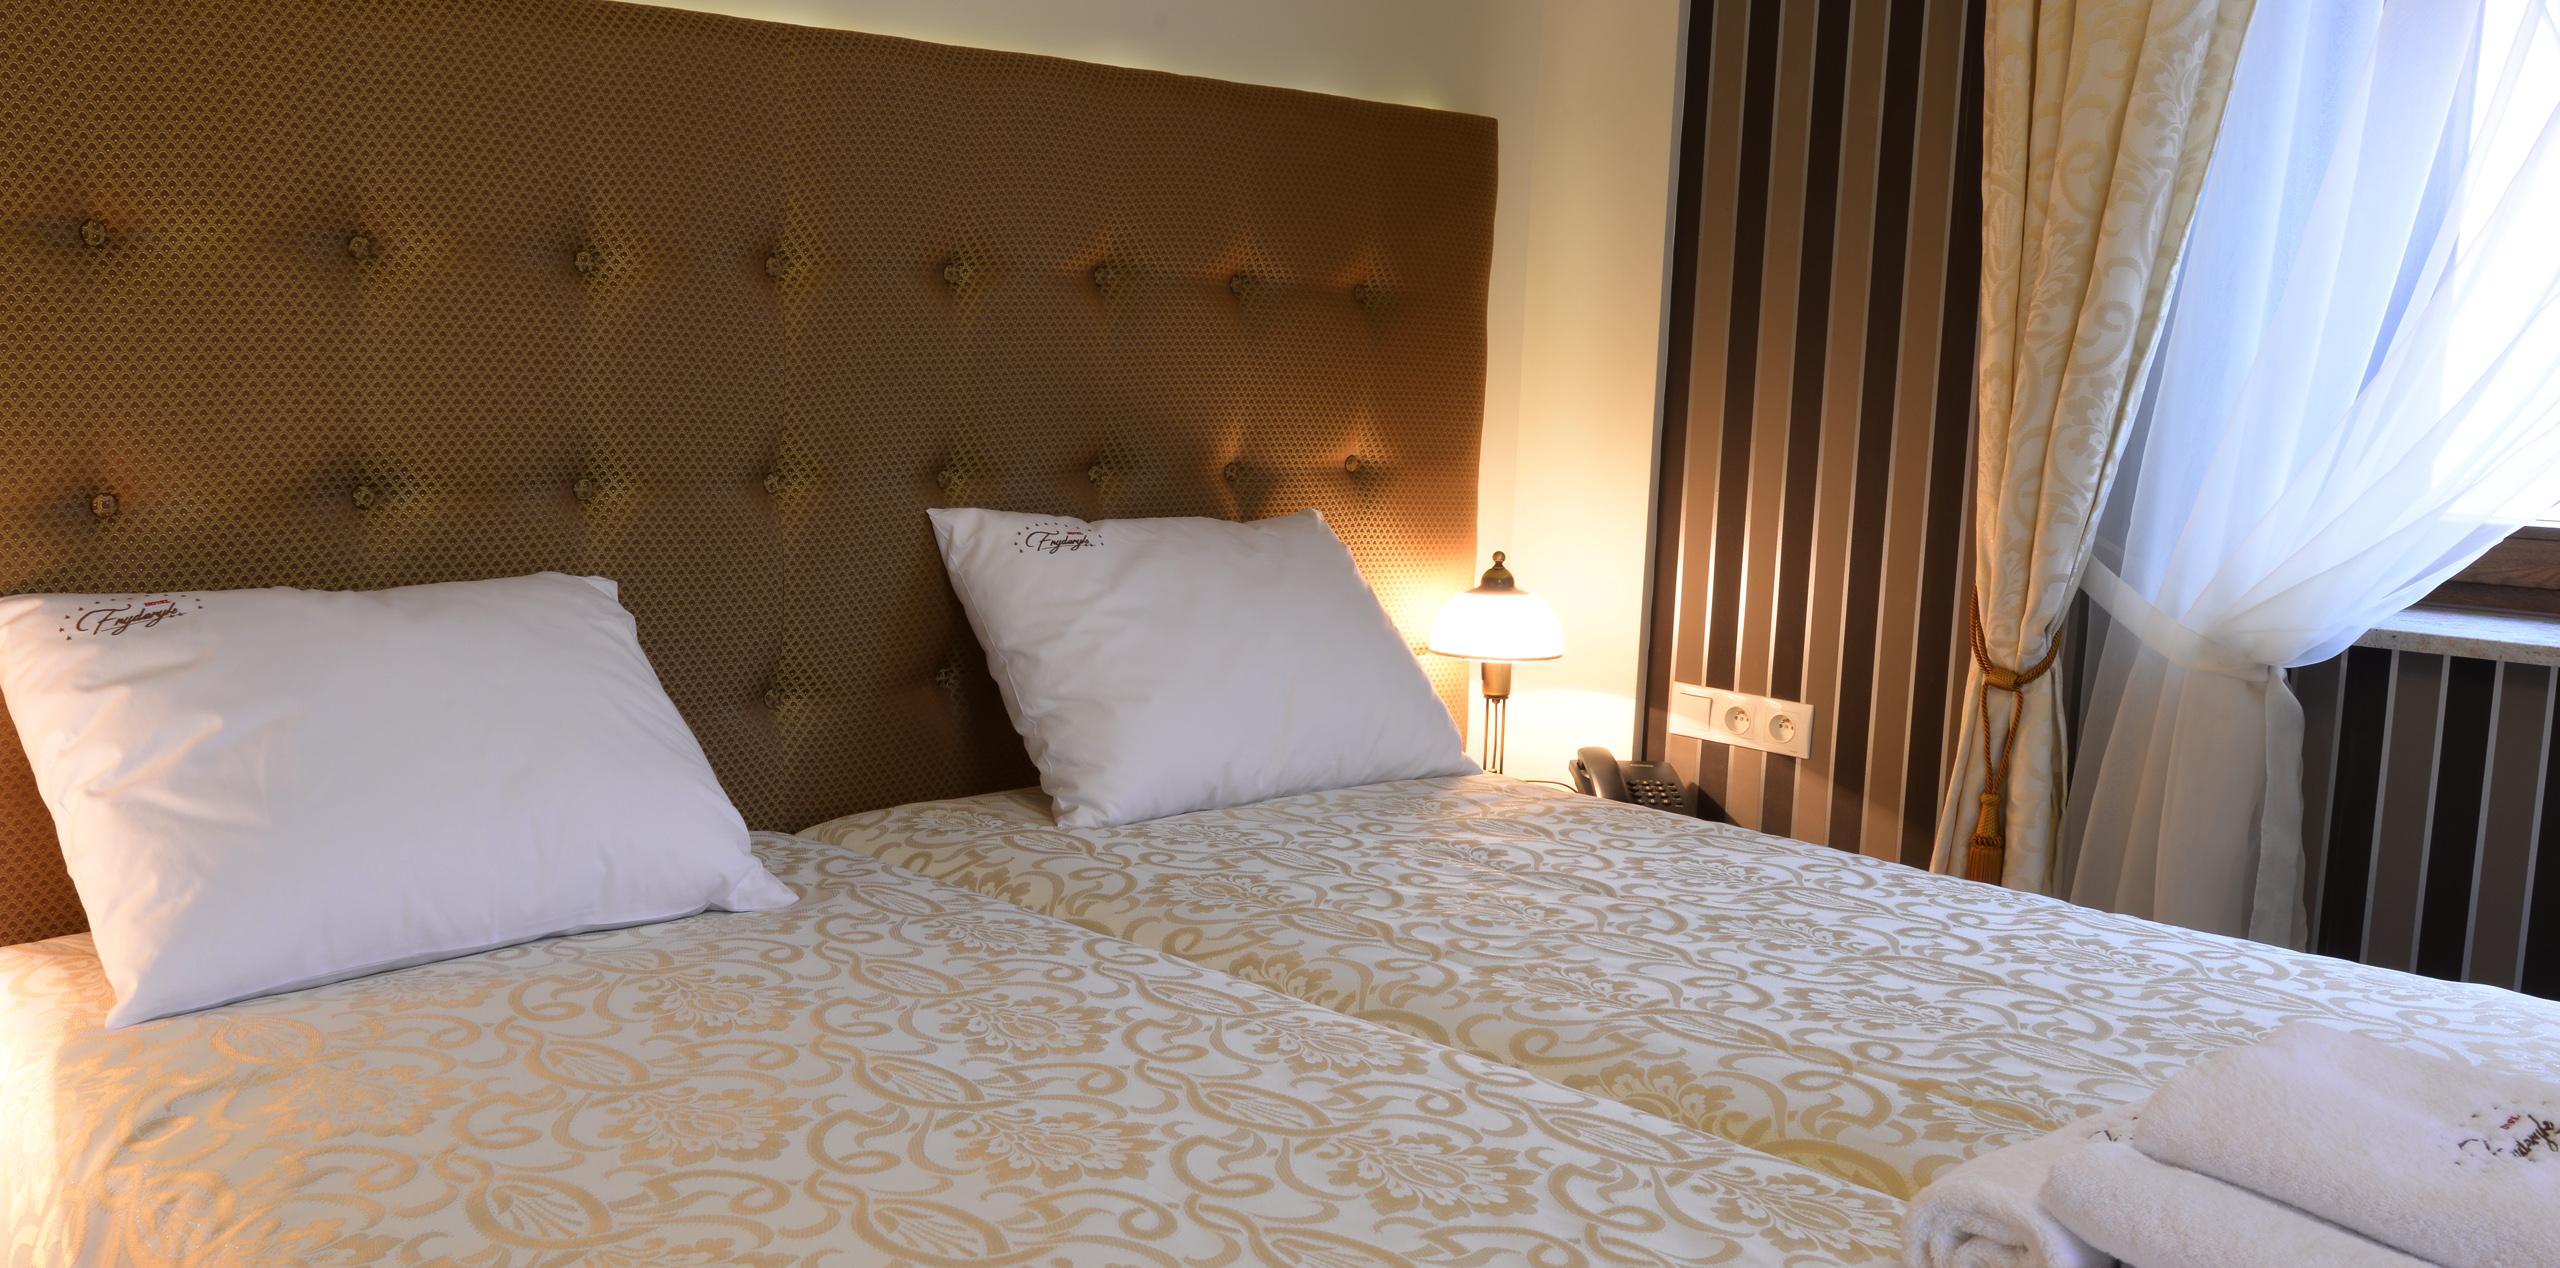 Hotel Fryderyk Rzeszów Noclegi pokoje